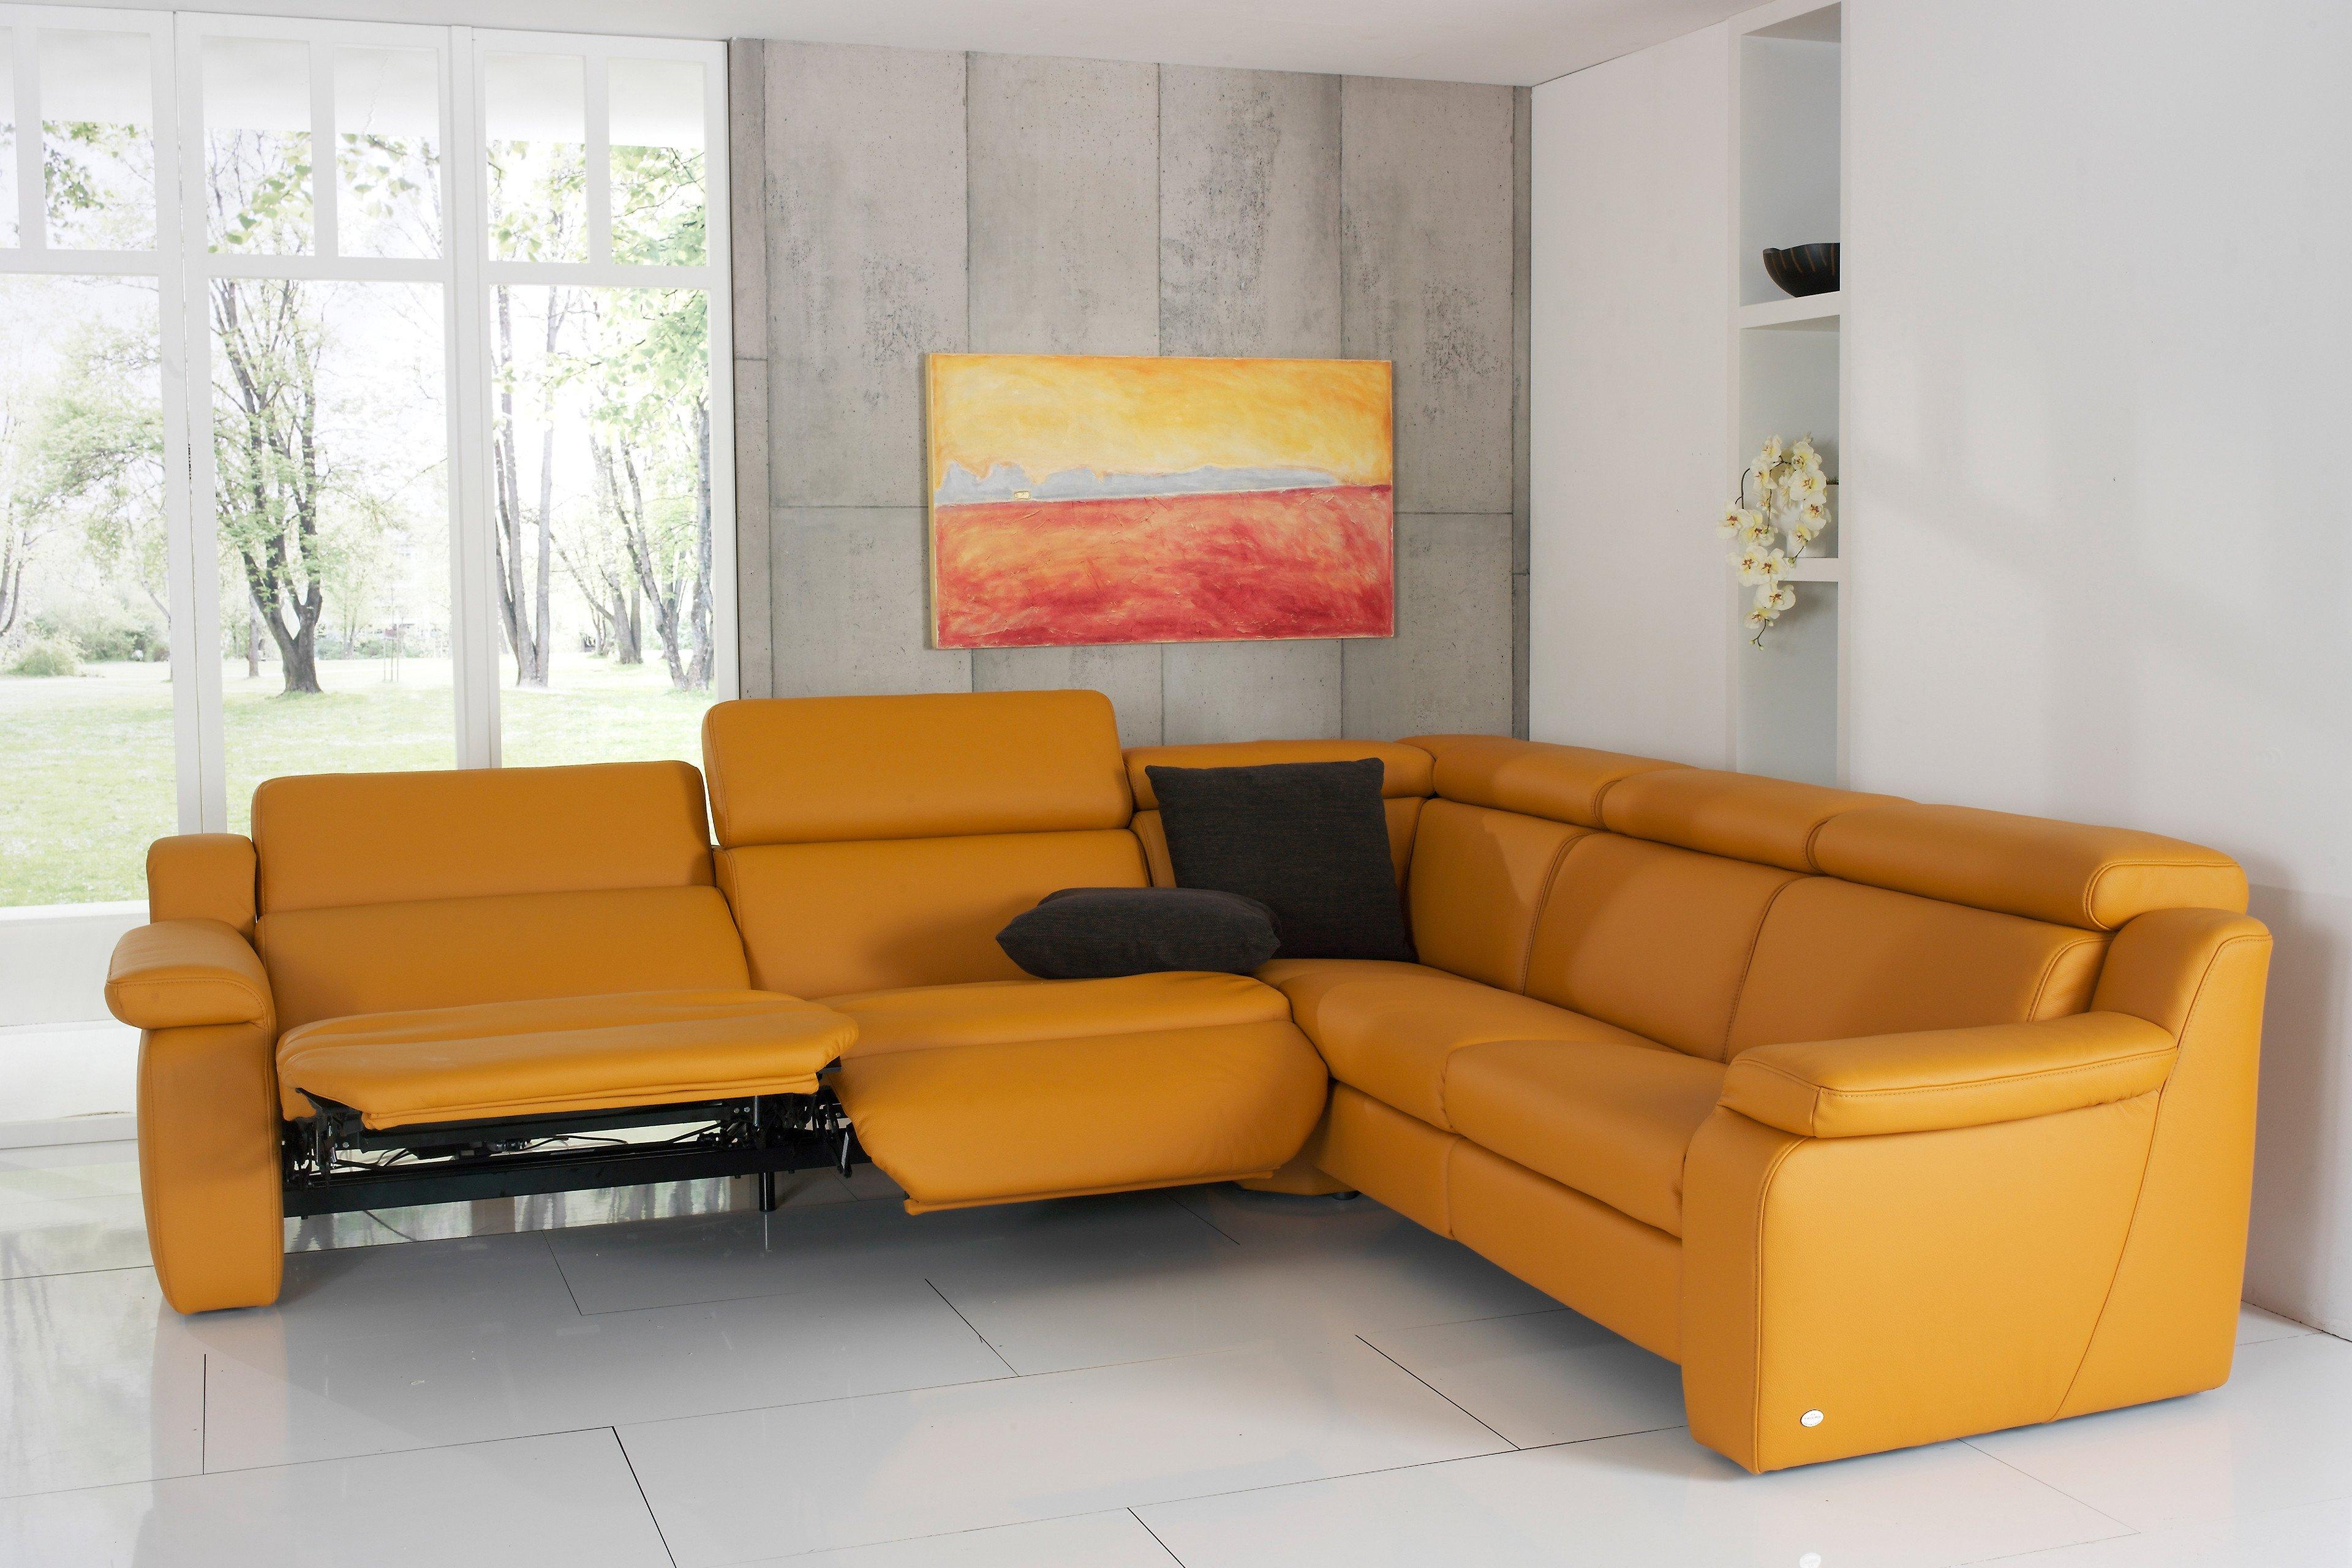 himolla polsterm bel 1302 ledersofa in orange m bel letz ihr online shop. Black Bedroom Furniture Sets. Home Design Ideas